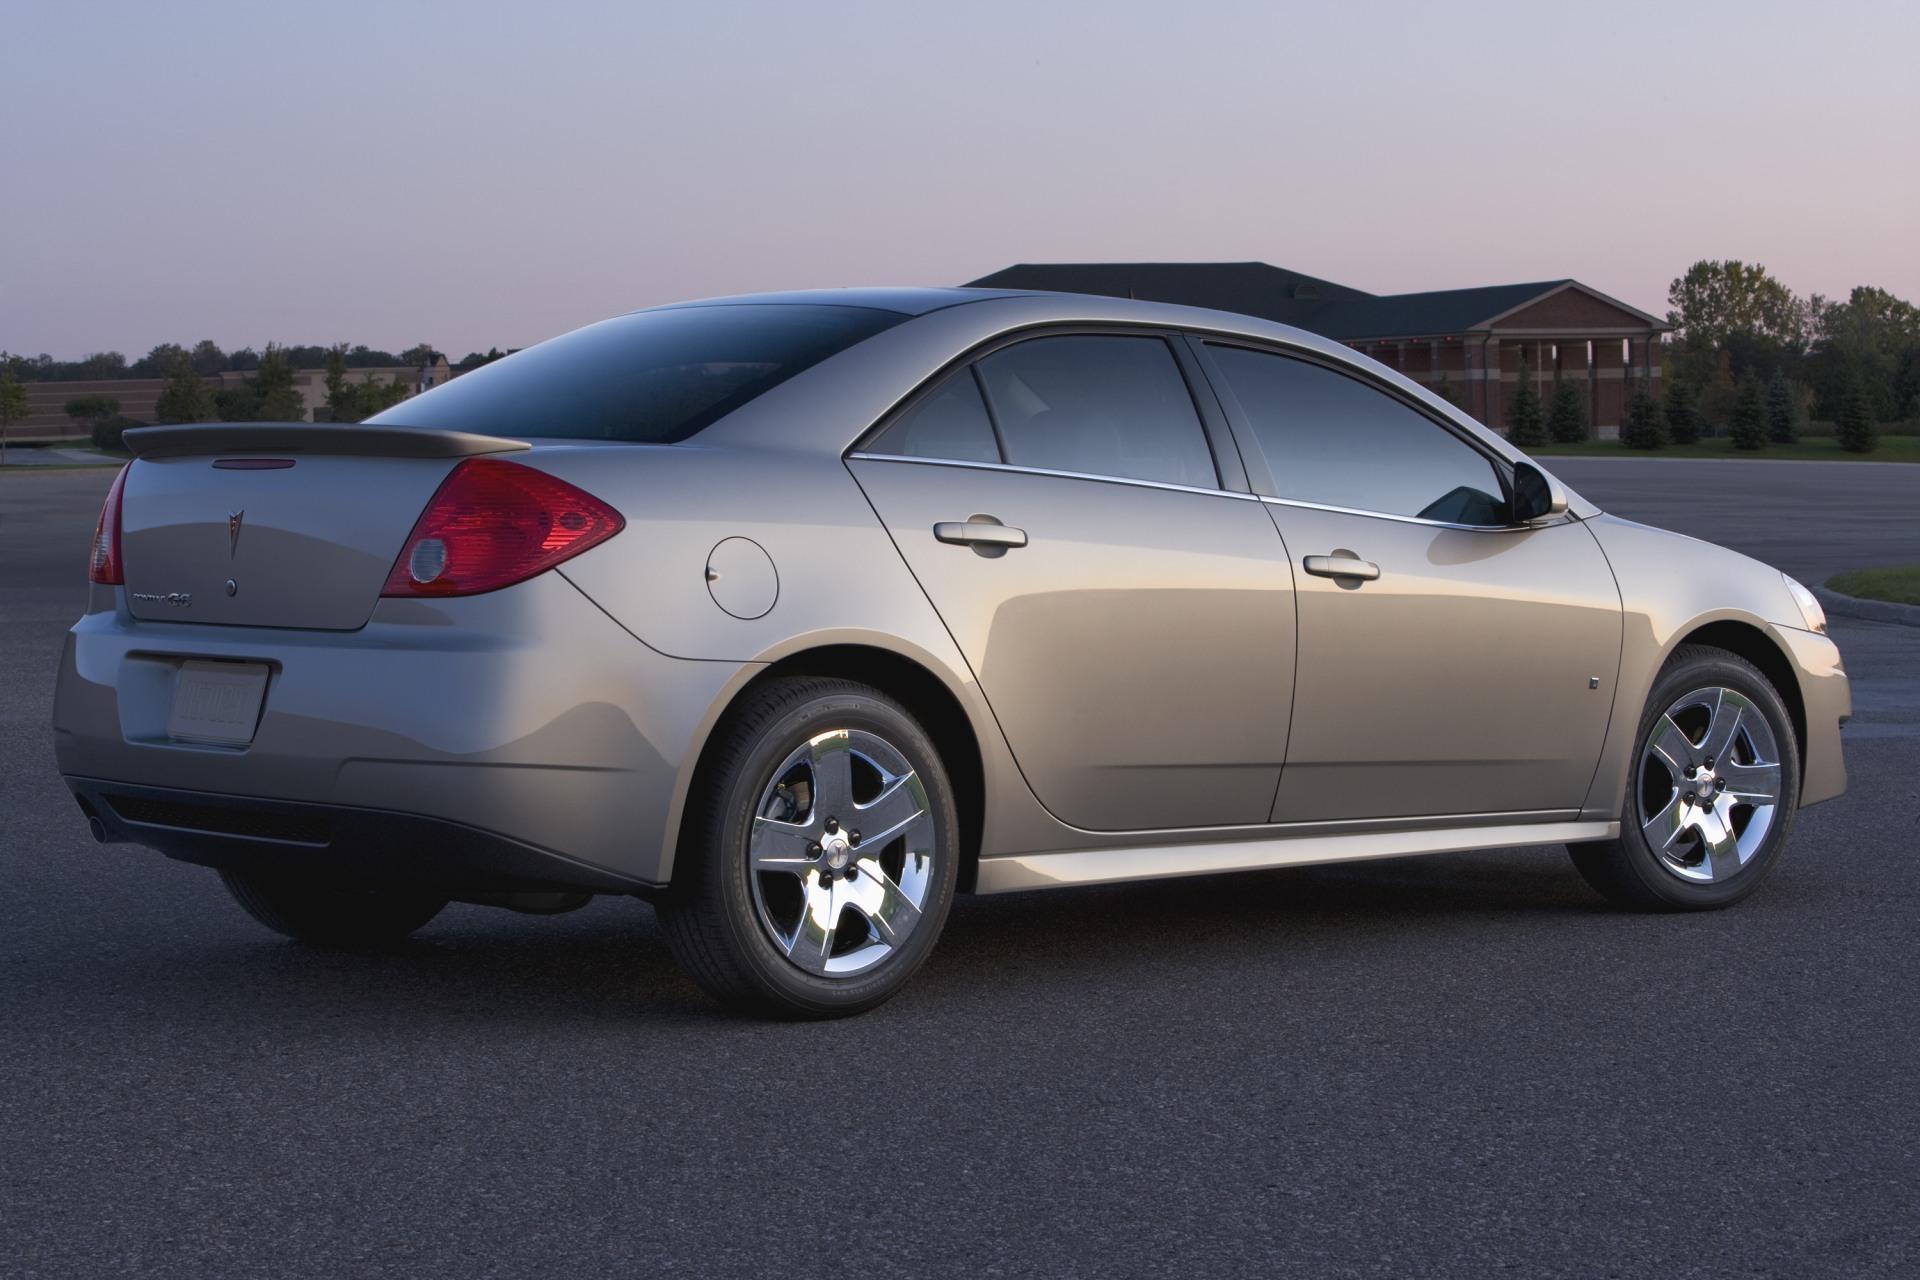 2009 Pontiac G6 Image Https Www Conceptcarz Com Images Pontiac Pontiac G6 Sedan 2009 Image